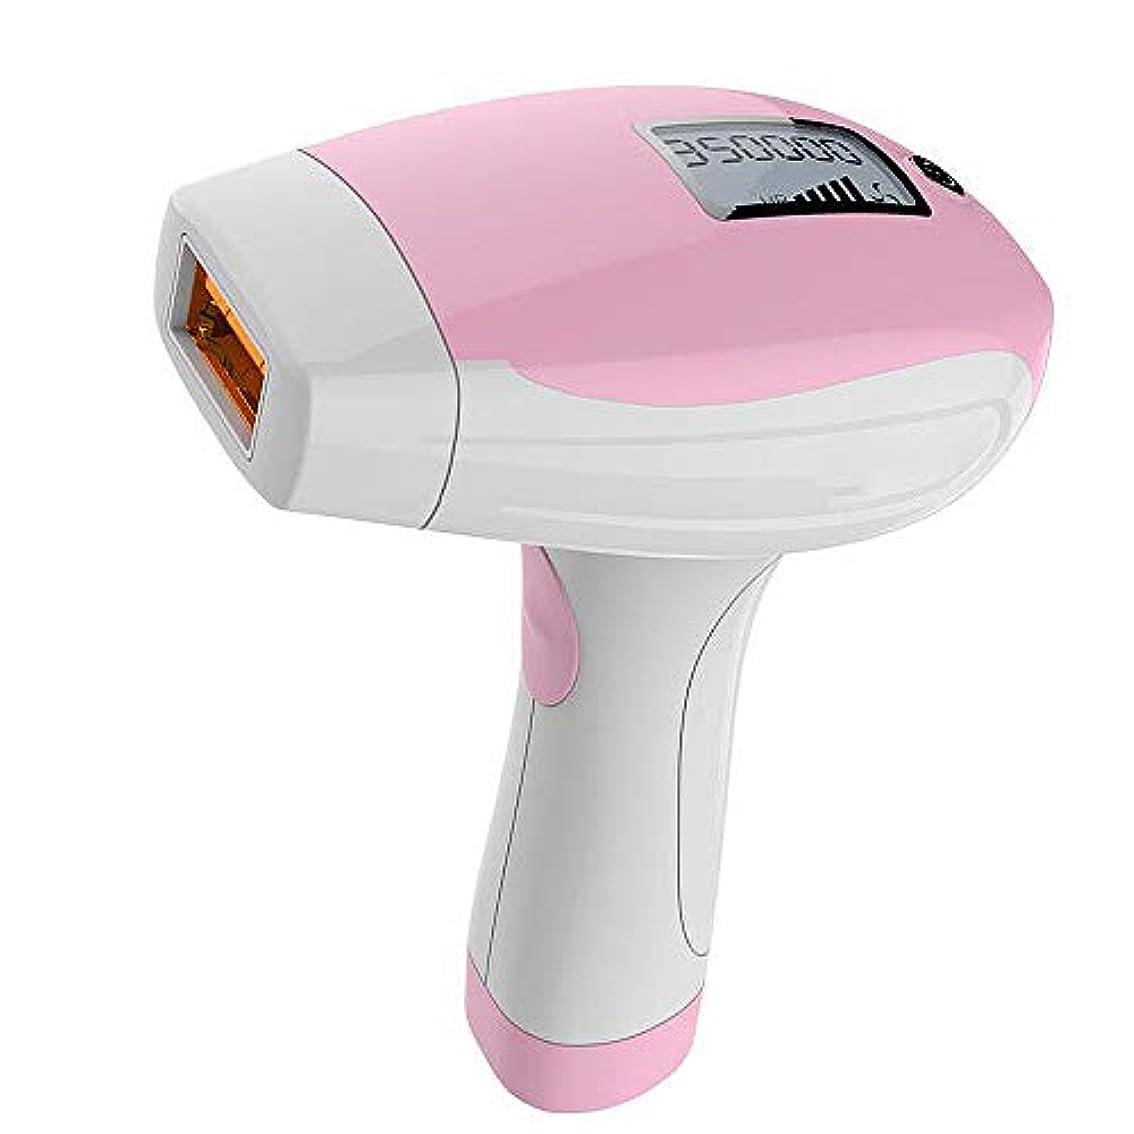 処理どこでも有毒レーザー脱毛装置、家庭用脱毛機、リップヘア、陰毛、プライベートパーツ、脱毛器